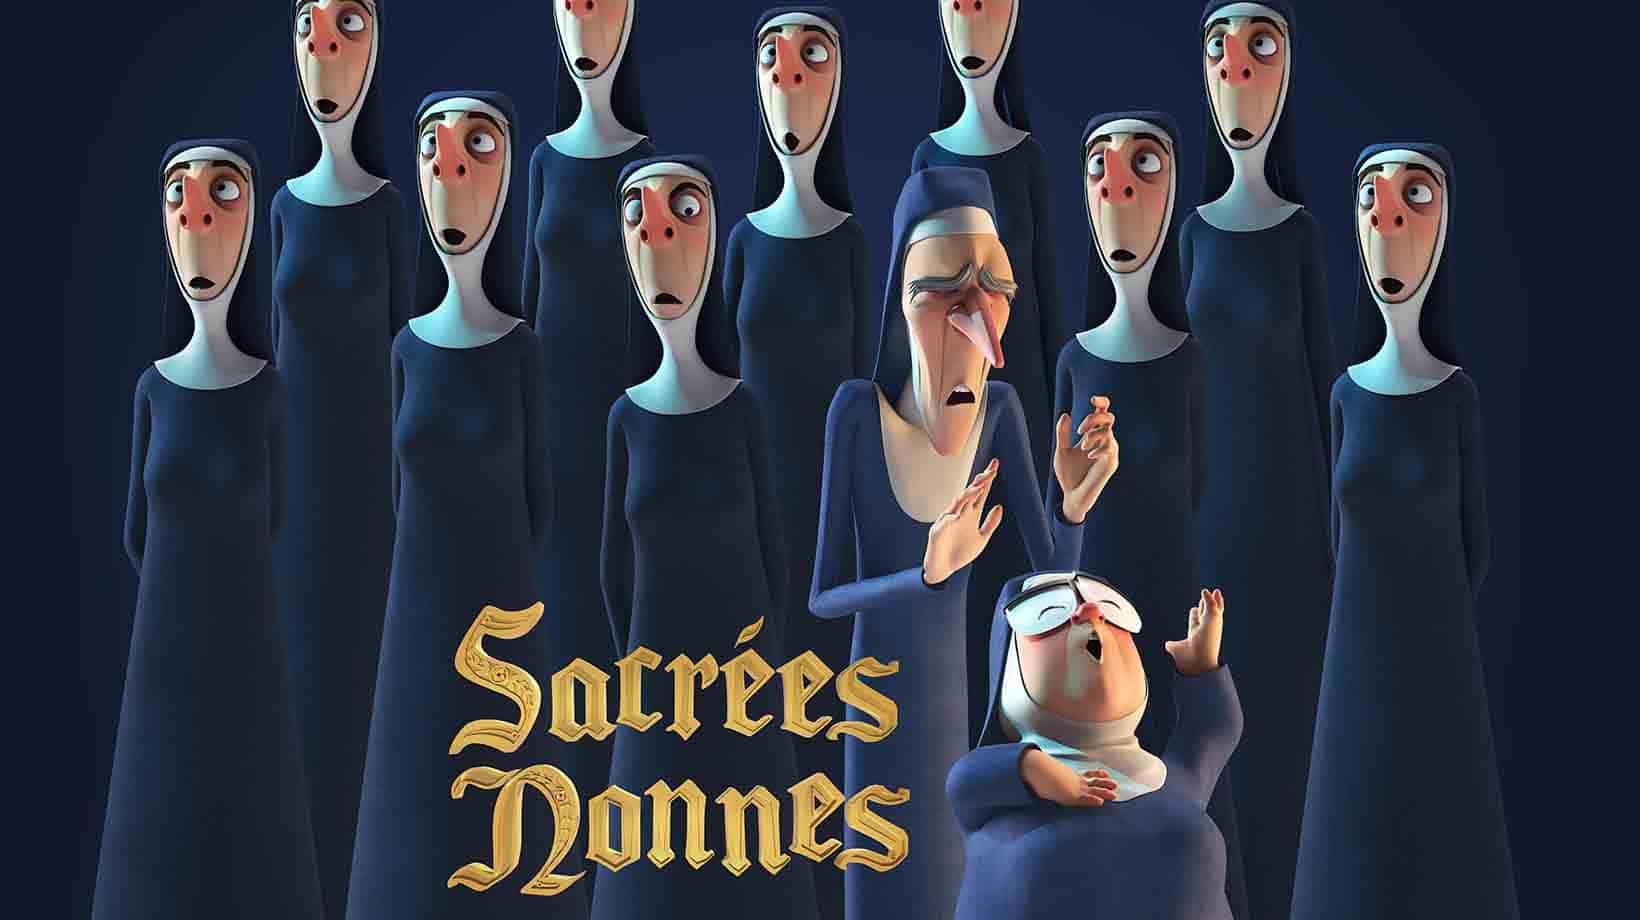 sacrees-nonnes